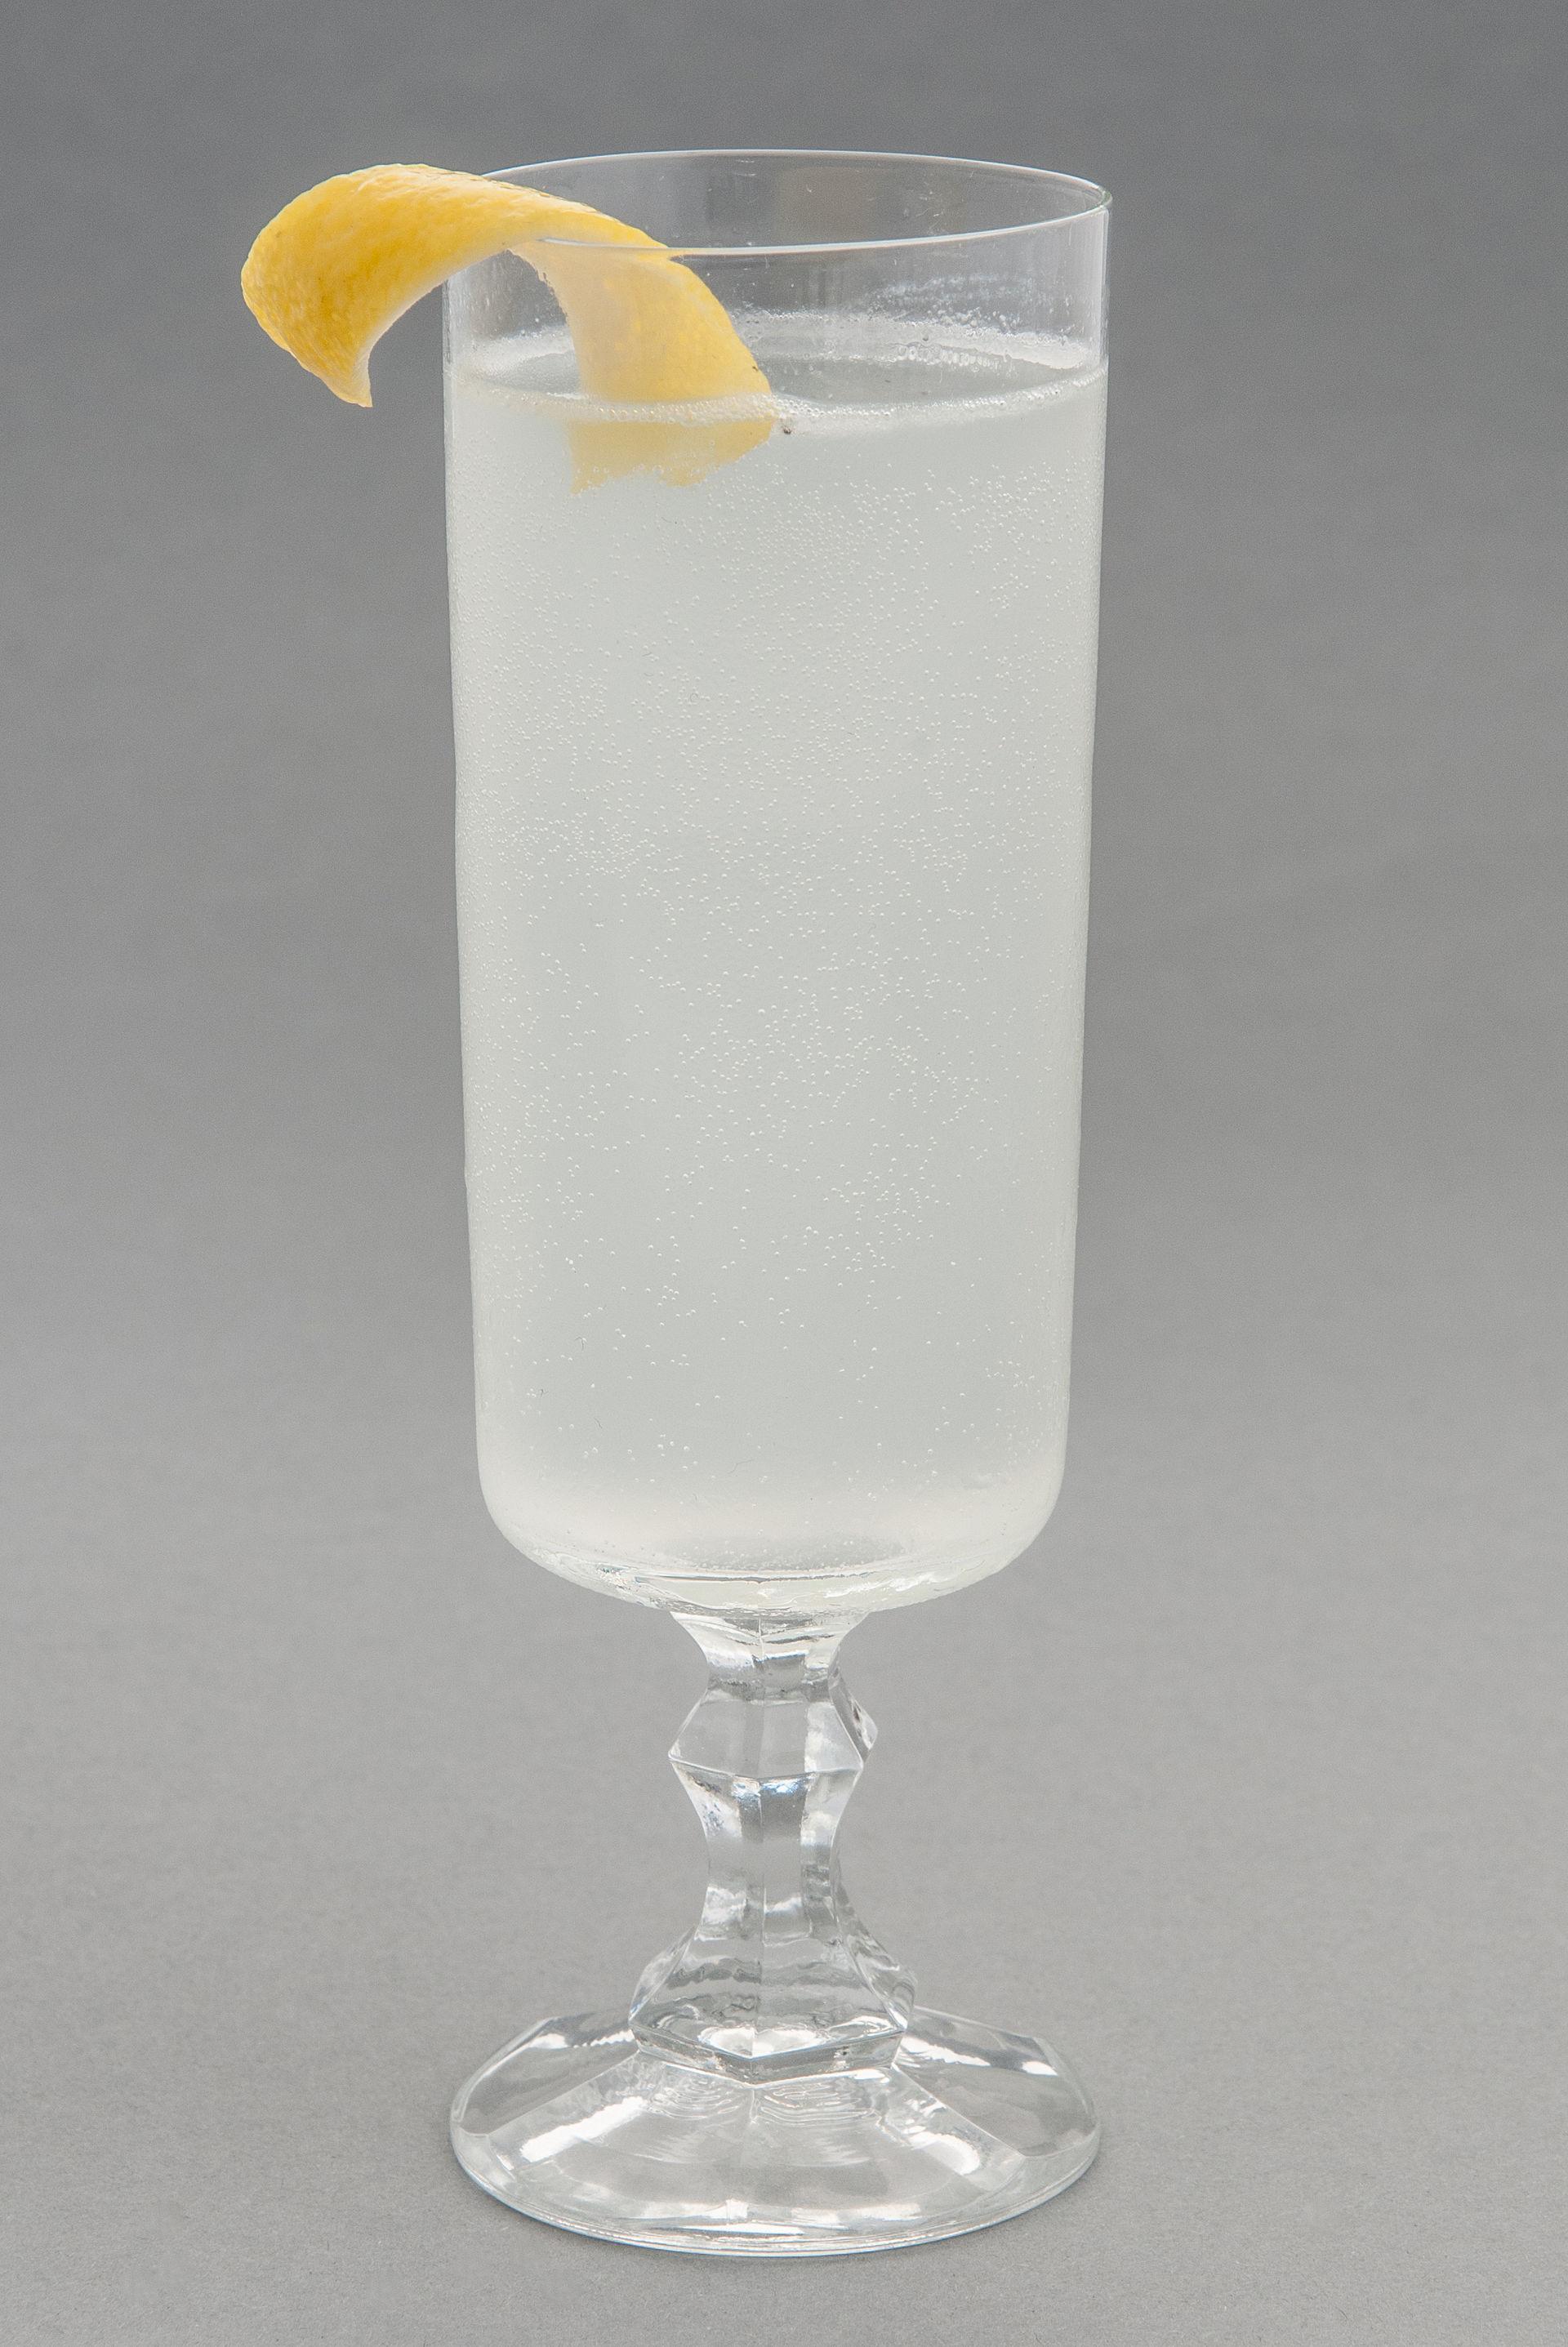 Fizz Cocktail Wikipedia